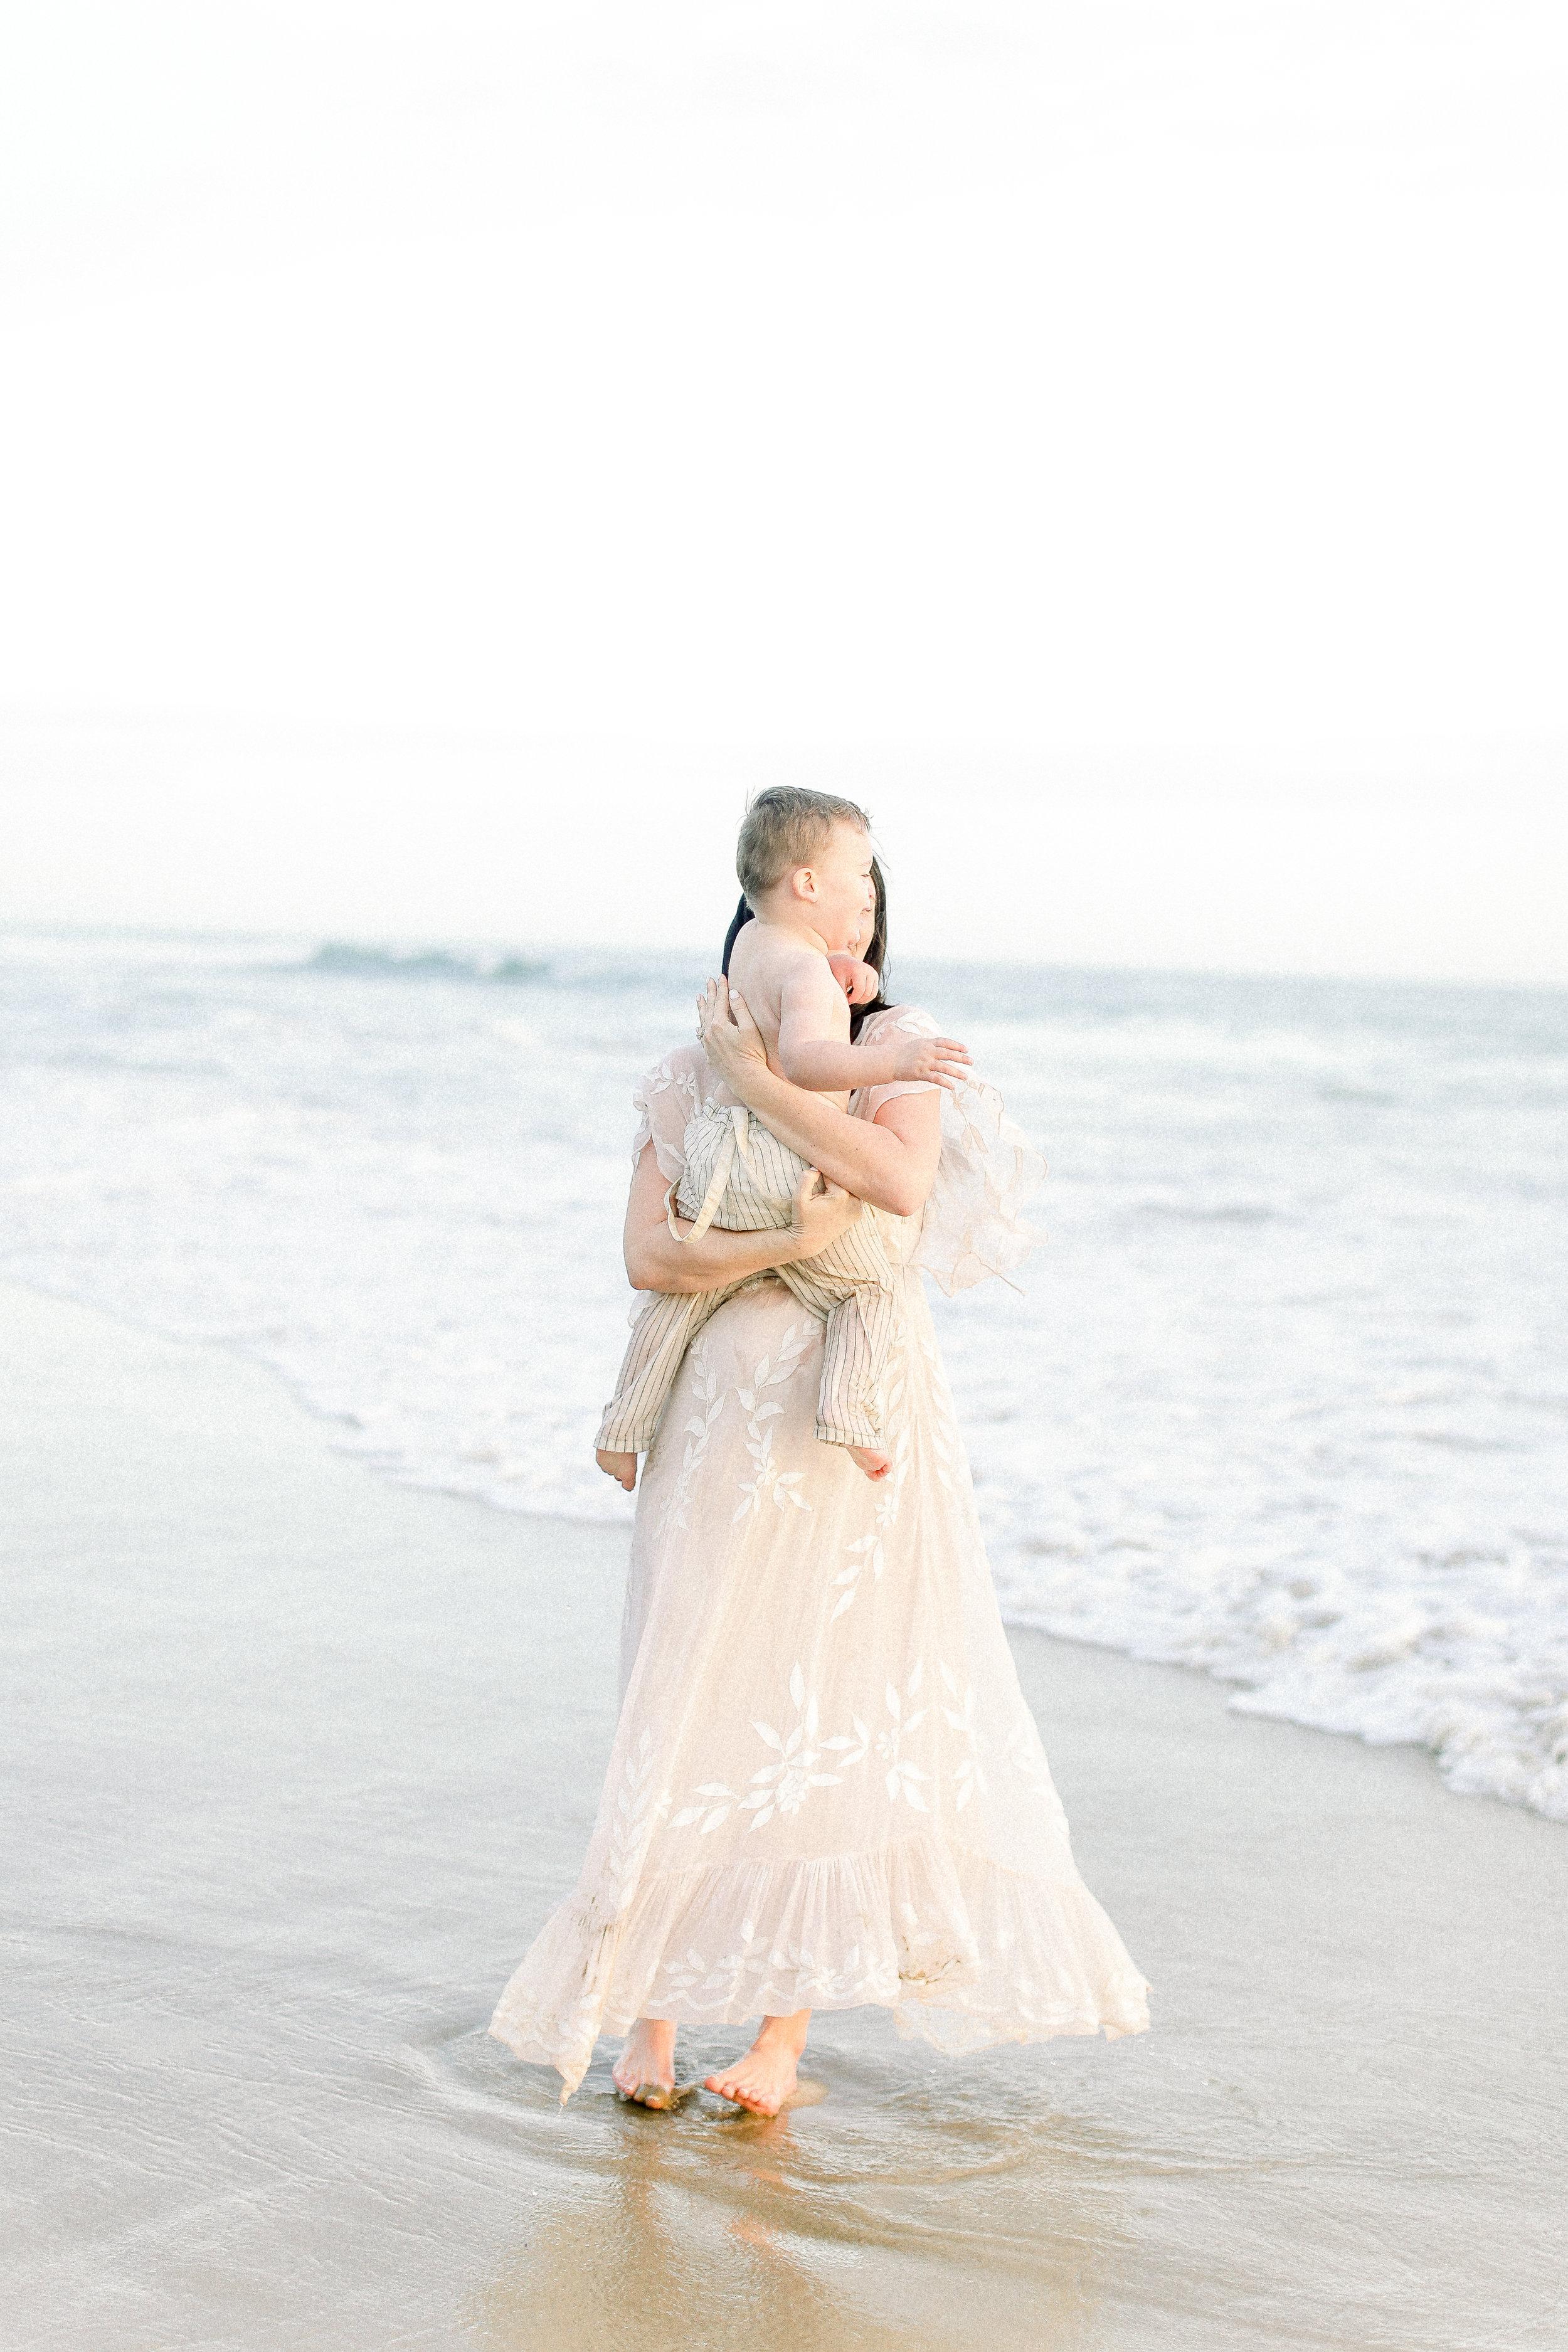 Cori-Kleckner-Photography- Parker Family Session5.JPG